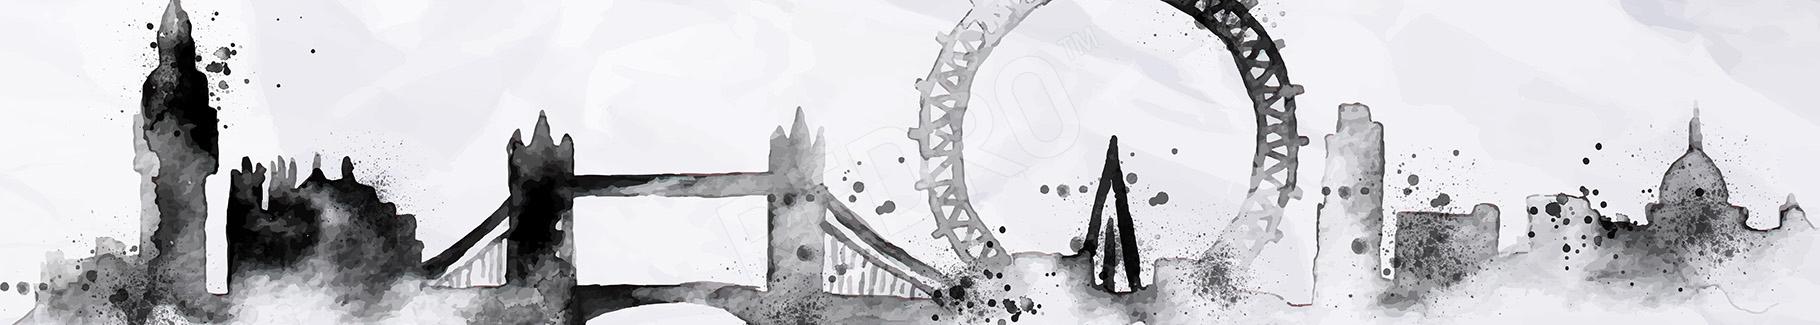 Obraz Londyn czarno-biały